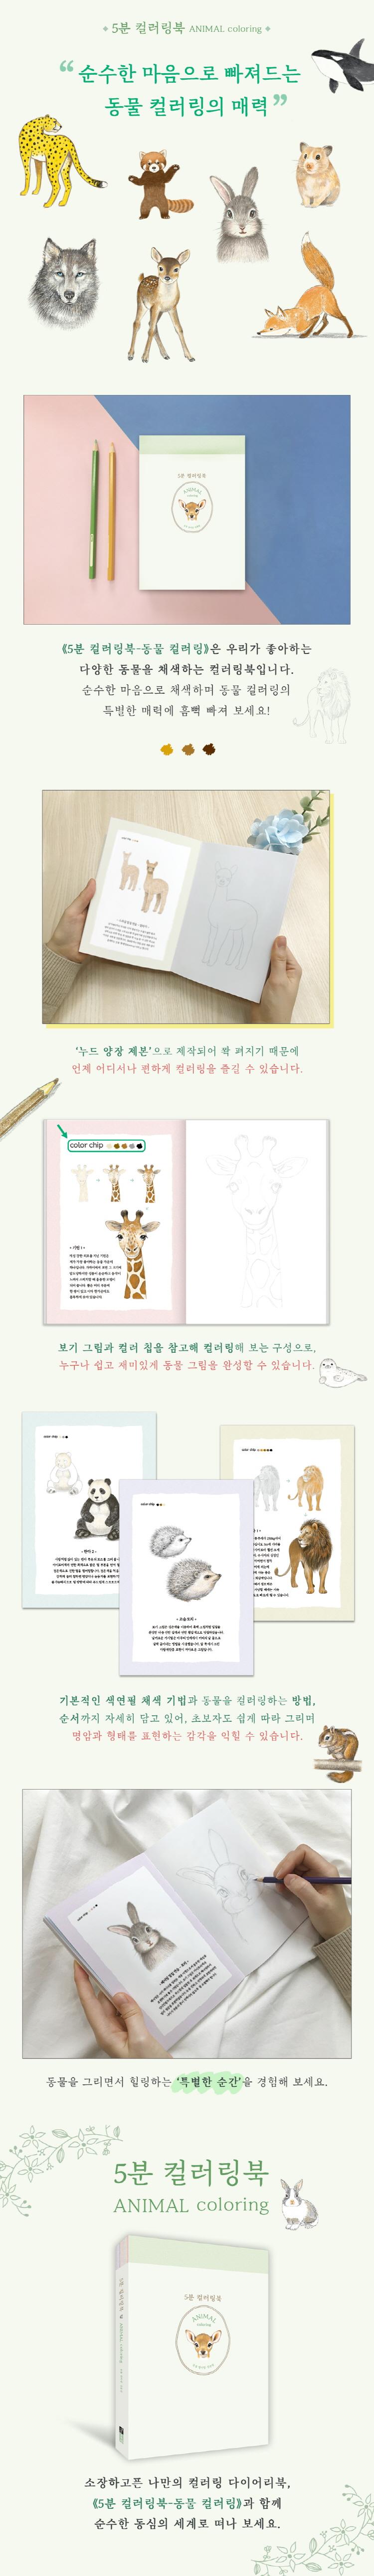 5분 컬러링북: 동물 컬러링(5분 컬러링북 시리즈) 도서 상세이미지